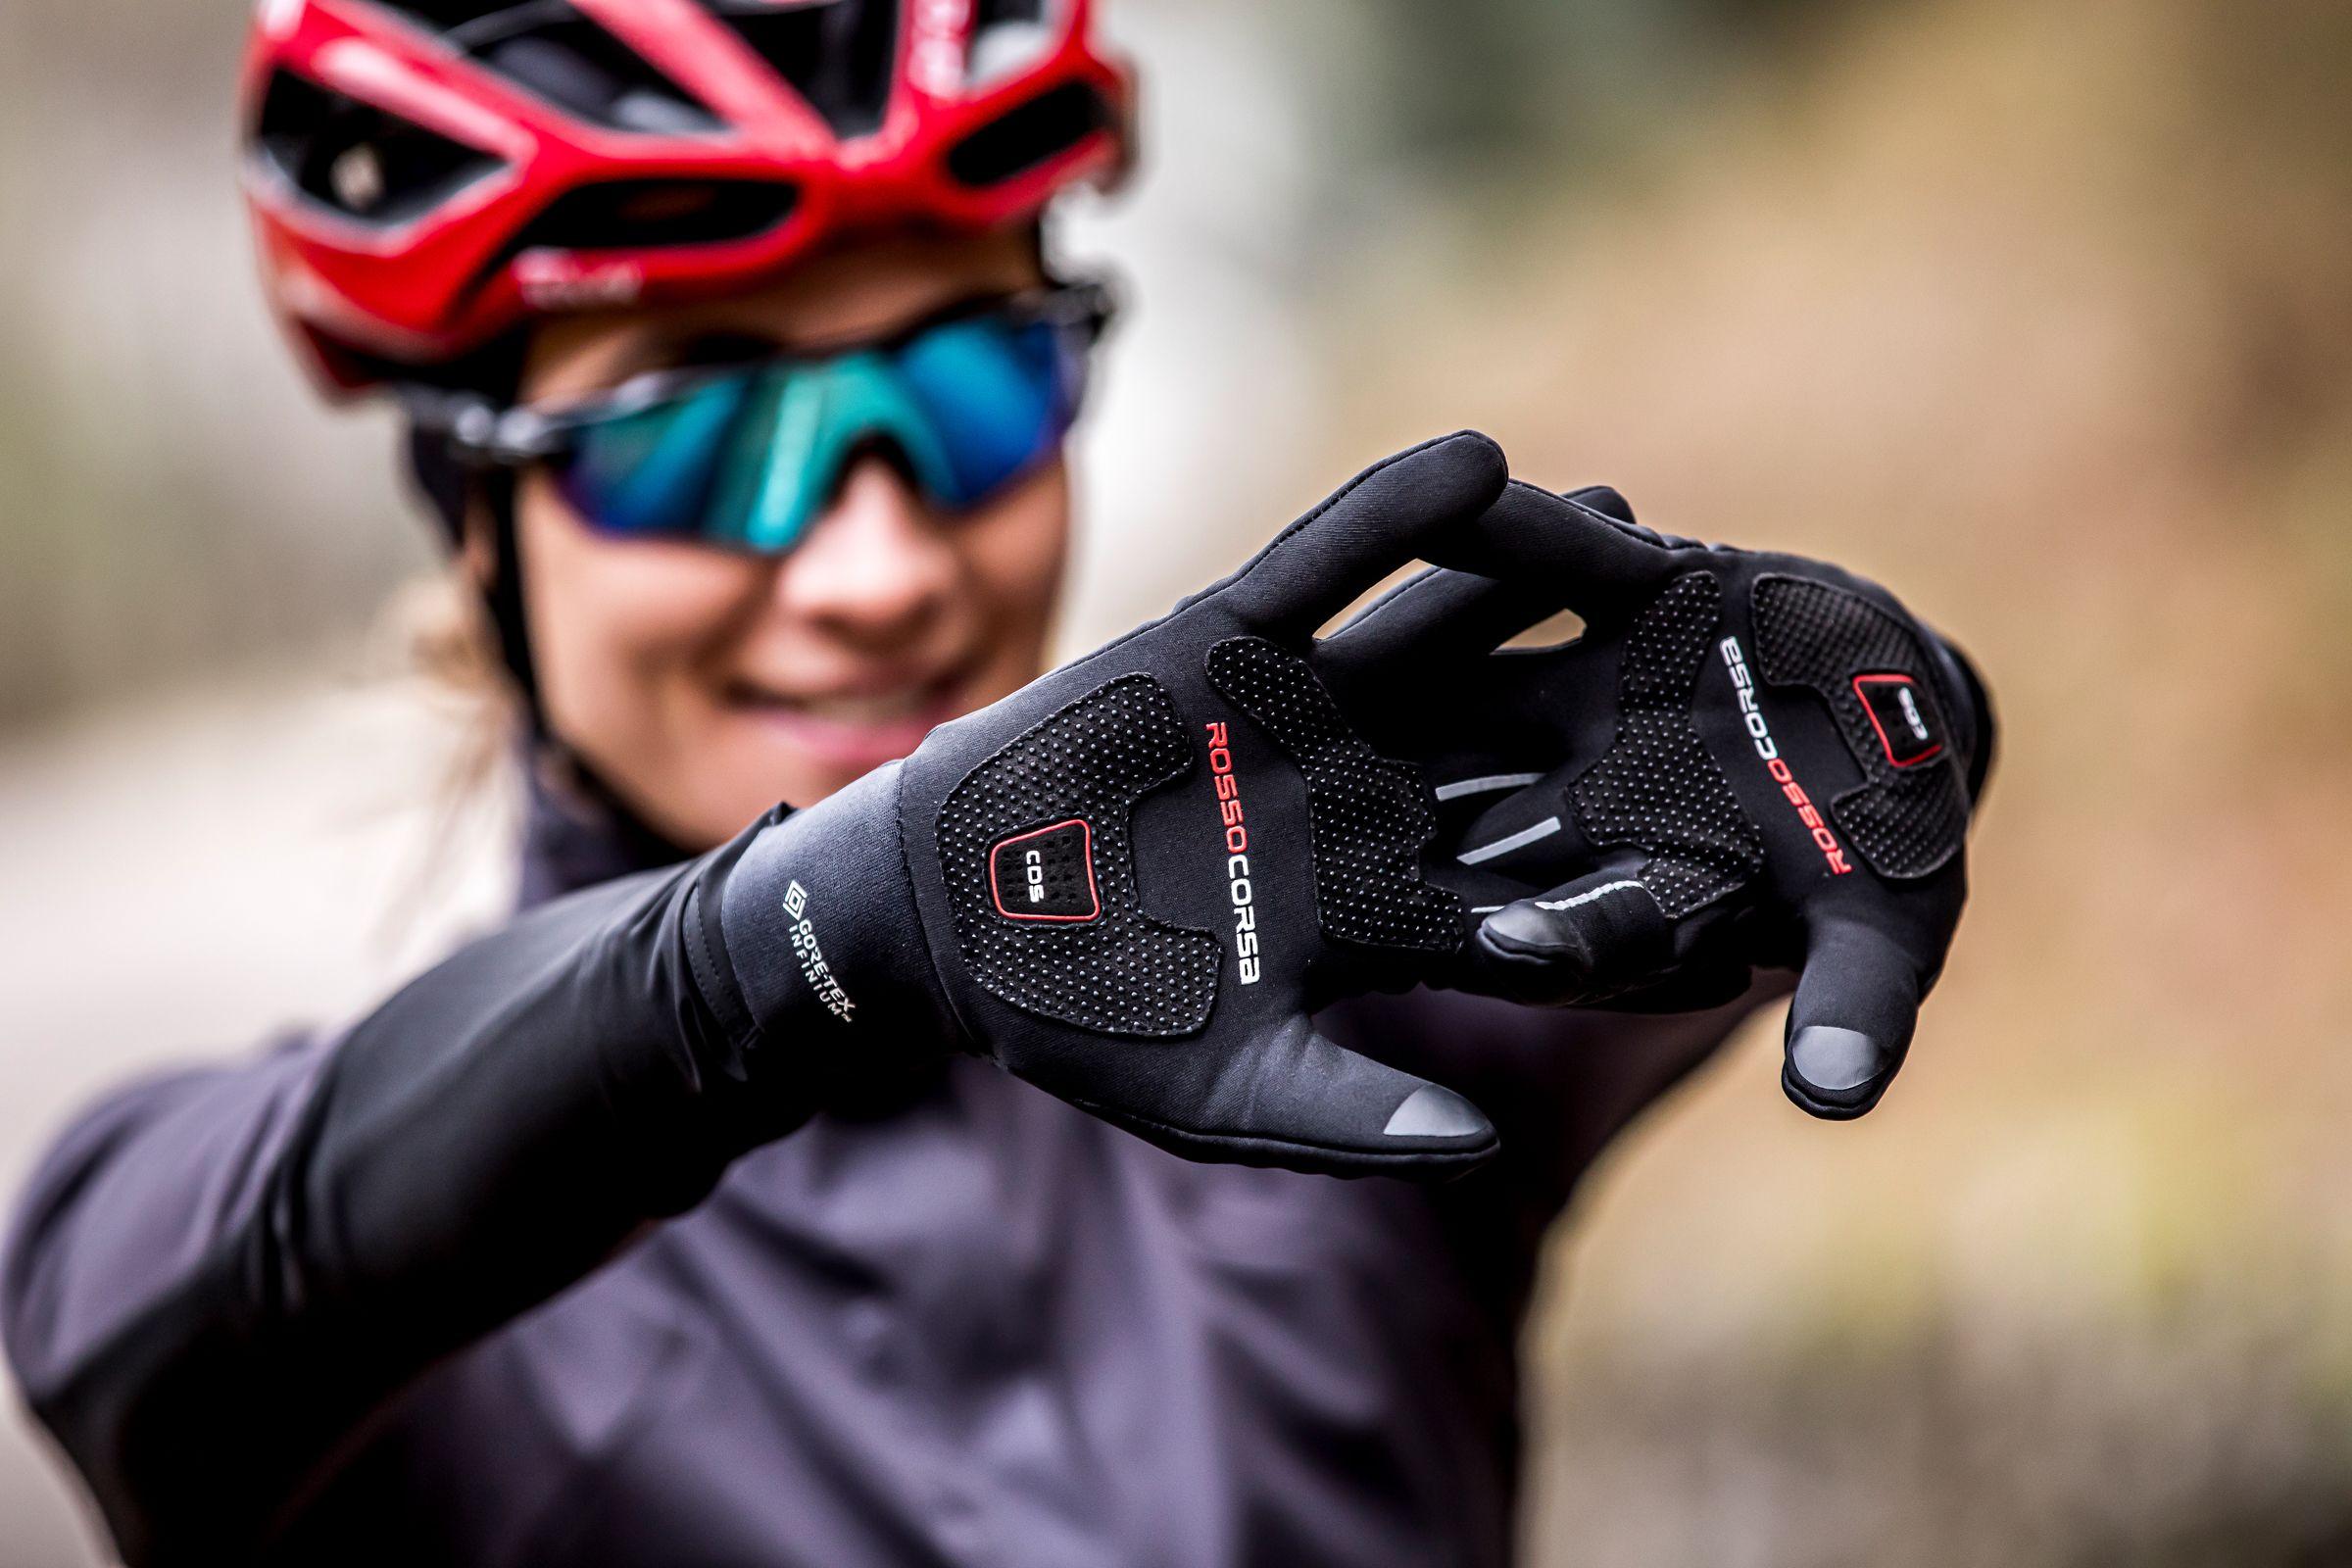 Castelli fietshandschoenen met CDS dempingsysteem